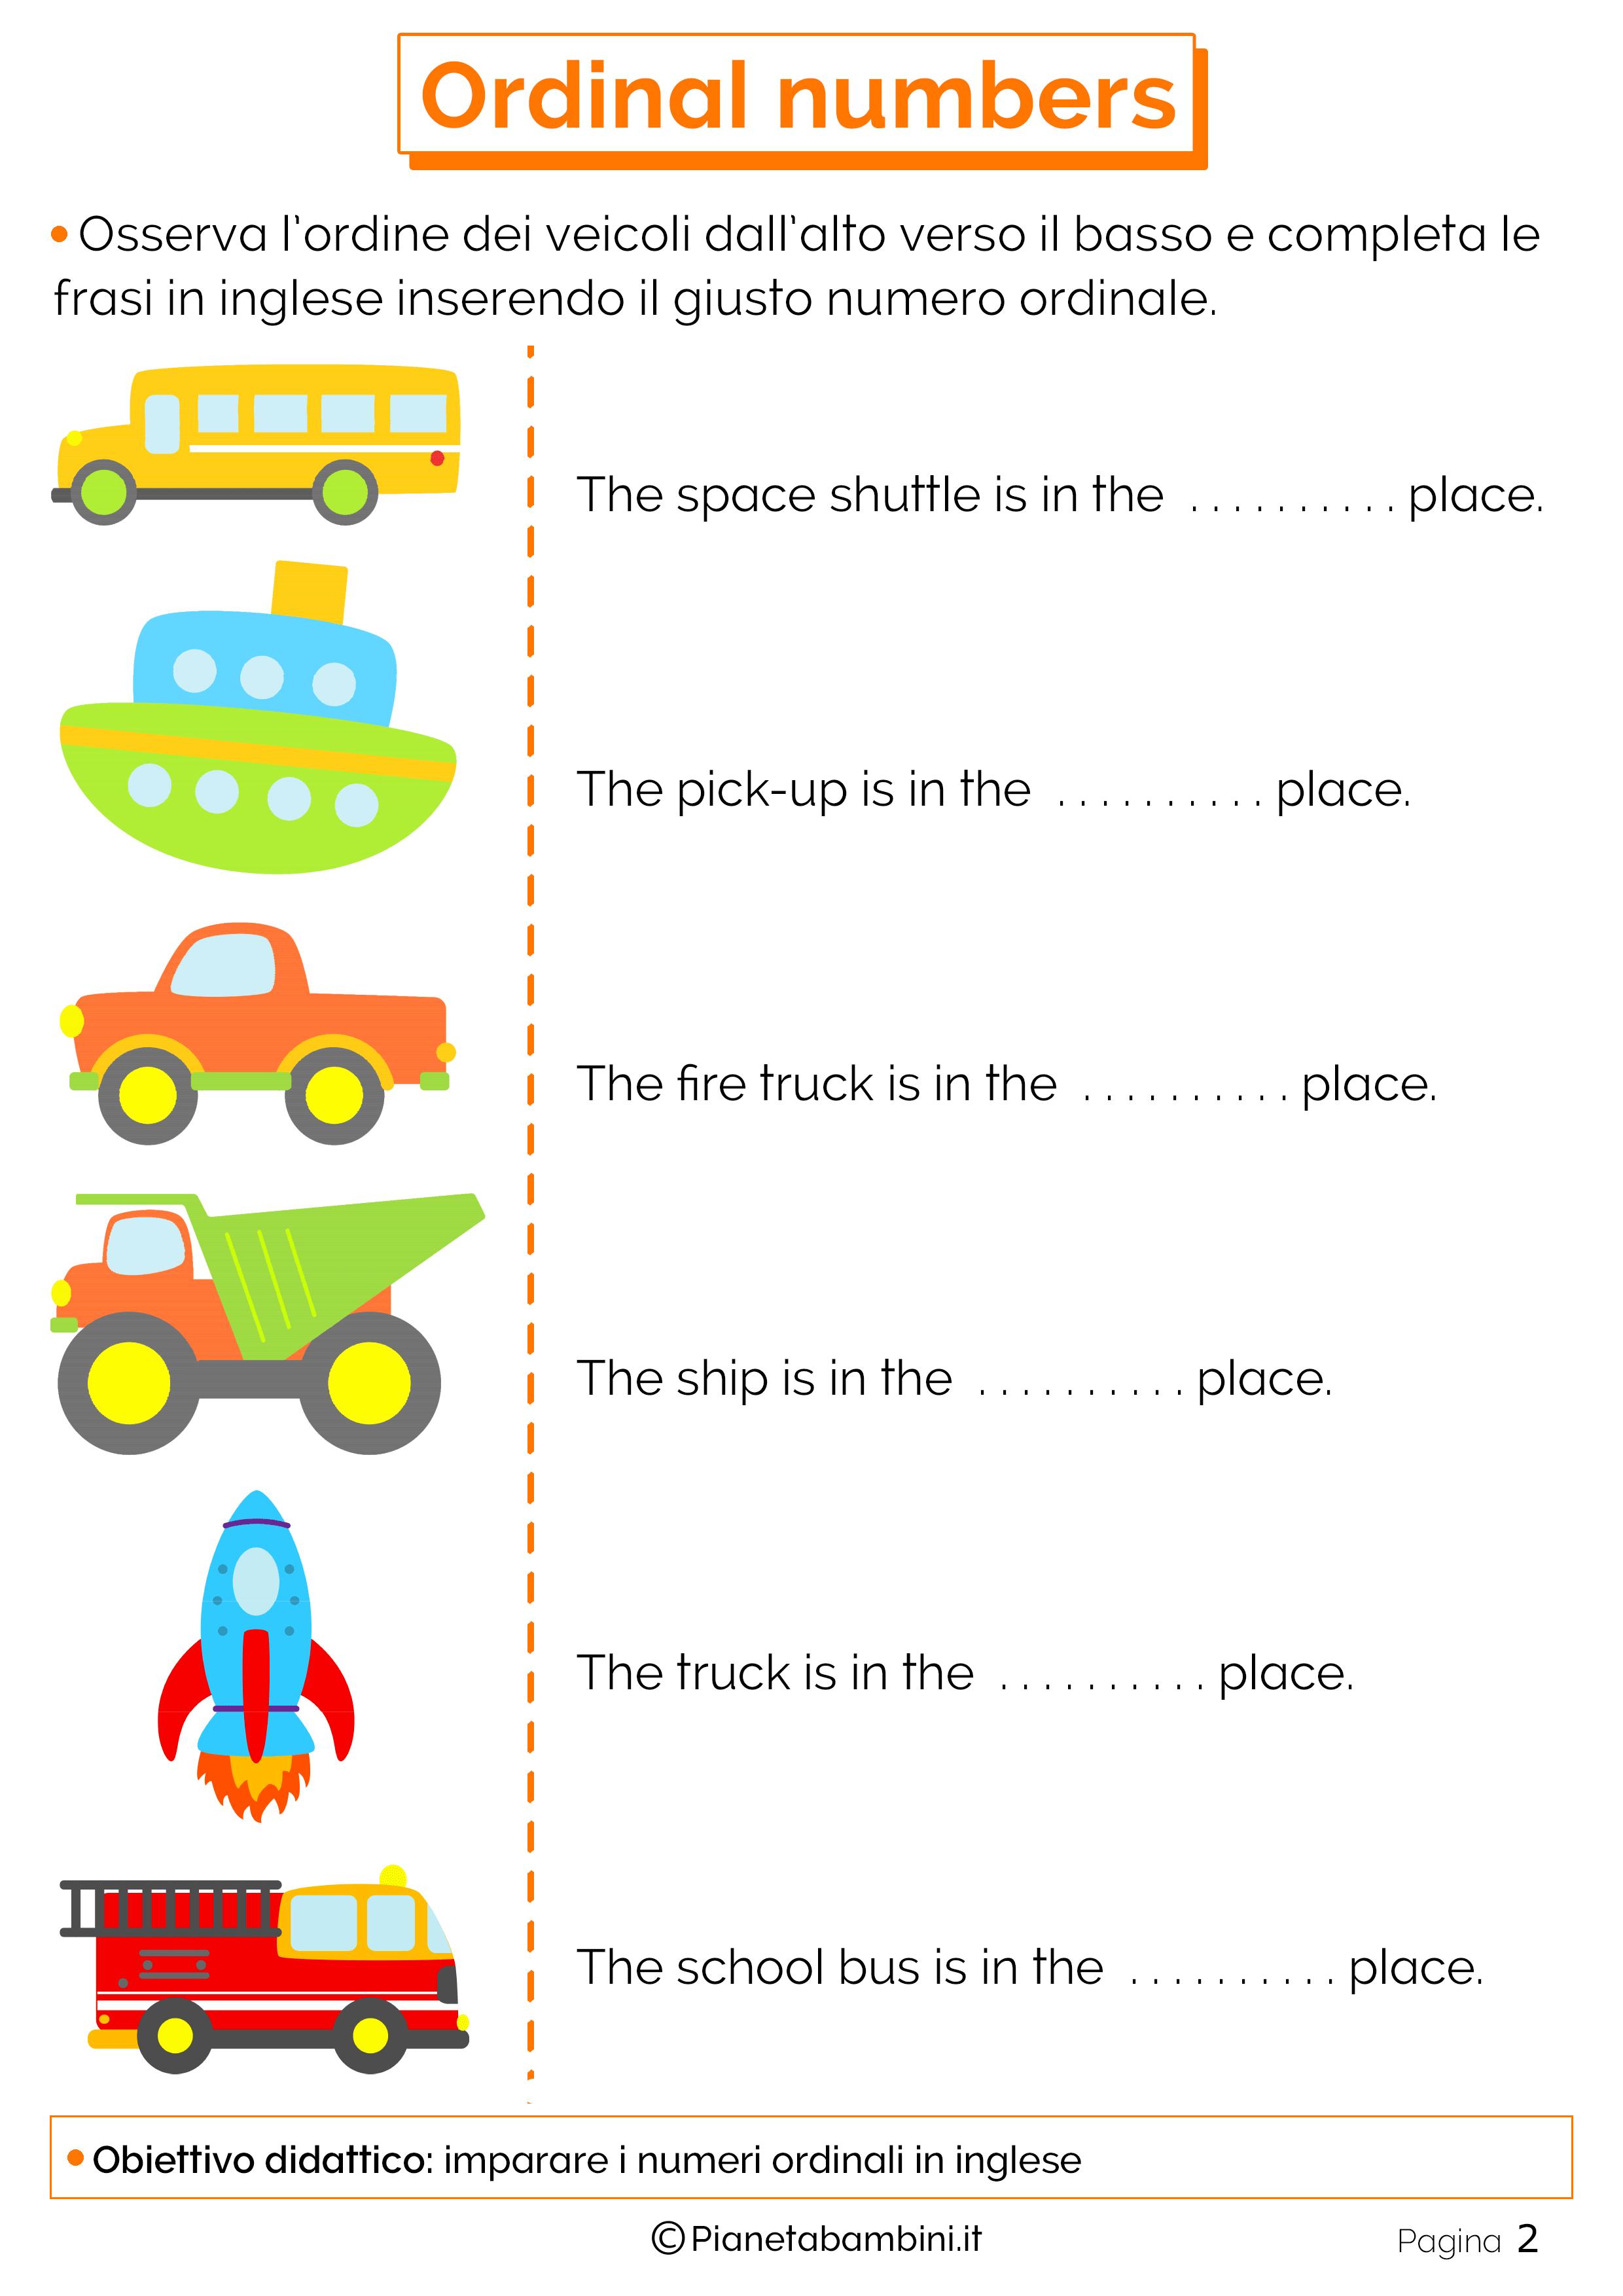 Scheda didattica sui numeri ordinali in inglese numero 02